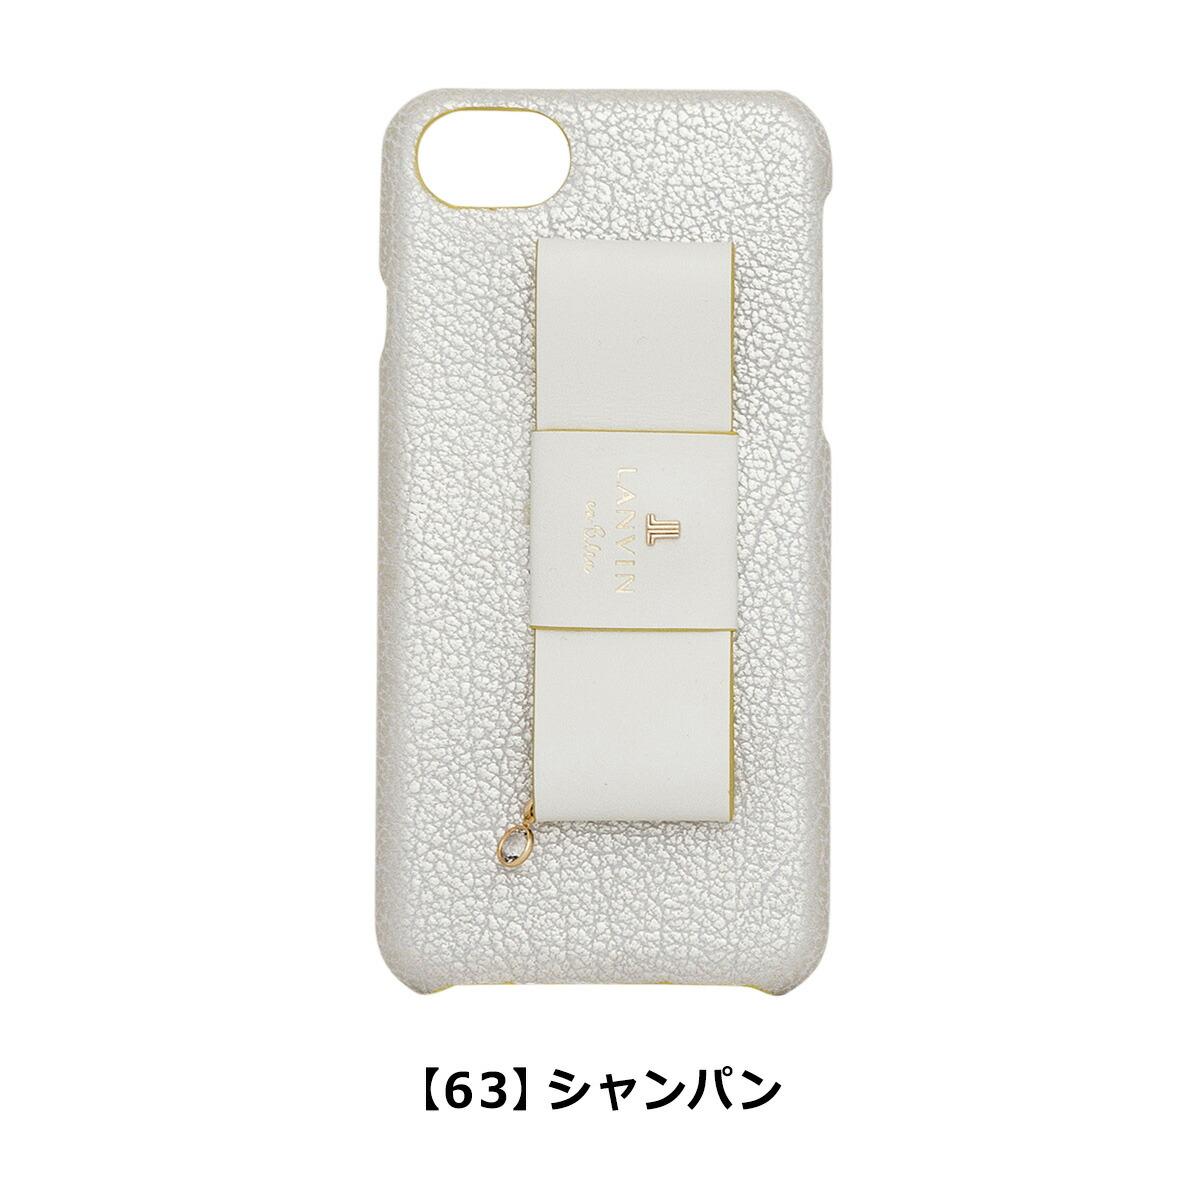 【63】シャンパン